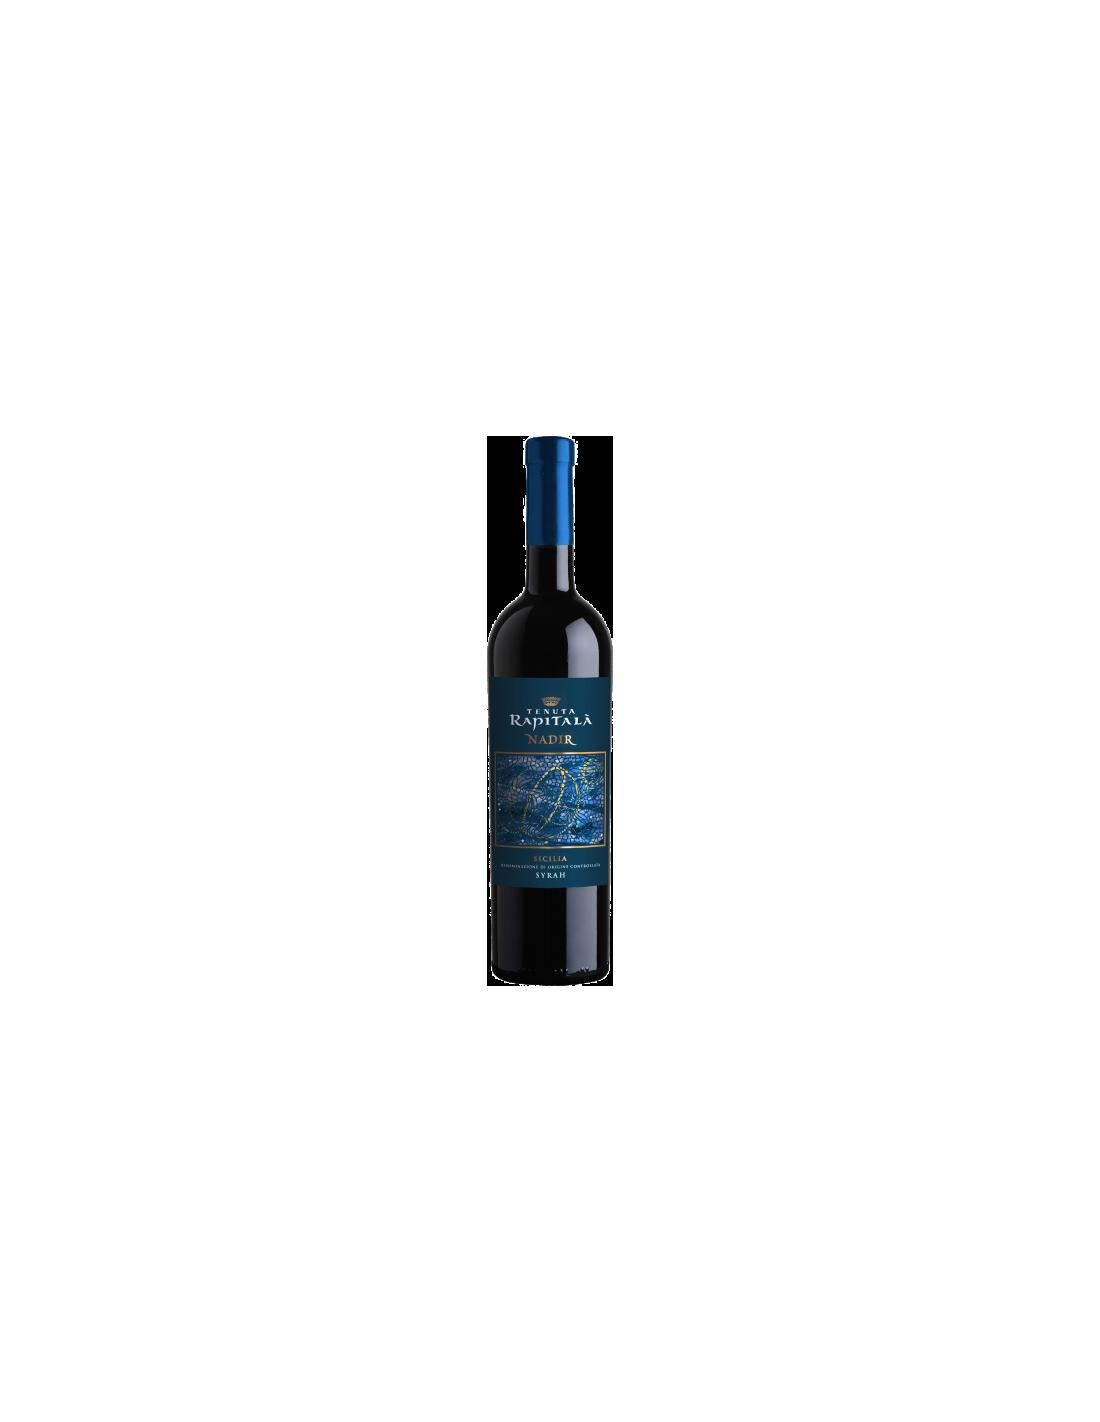 Vin rosu, Syrah, Tenuta Rapitalà Nadir Sicilia, 0.75L, Italia